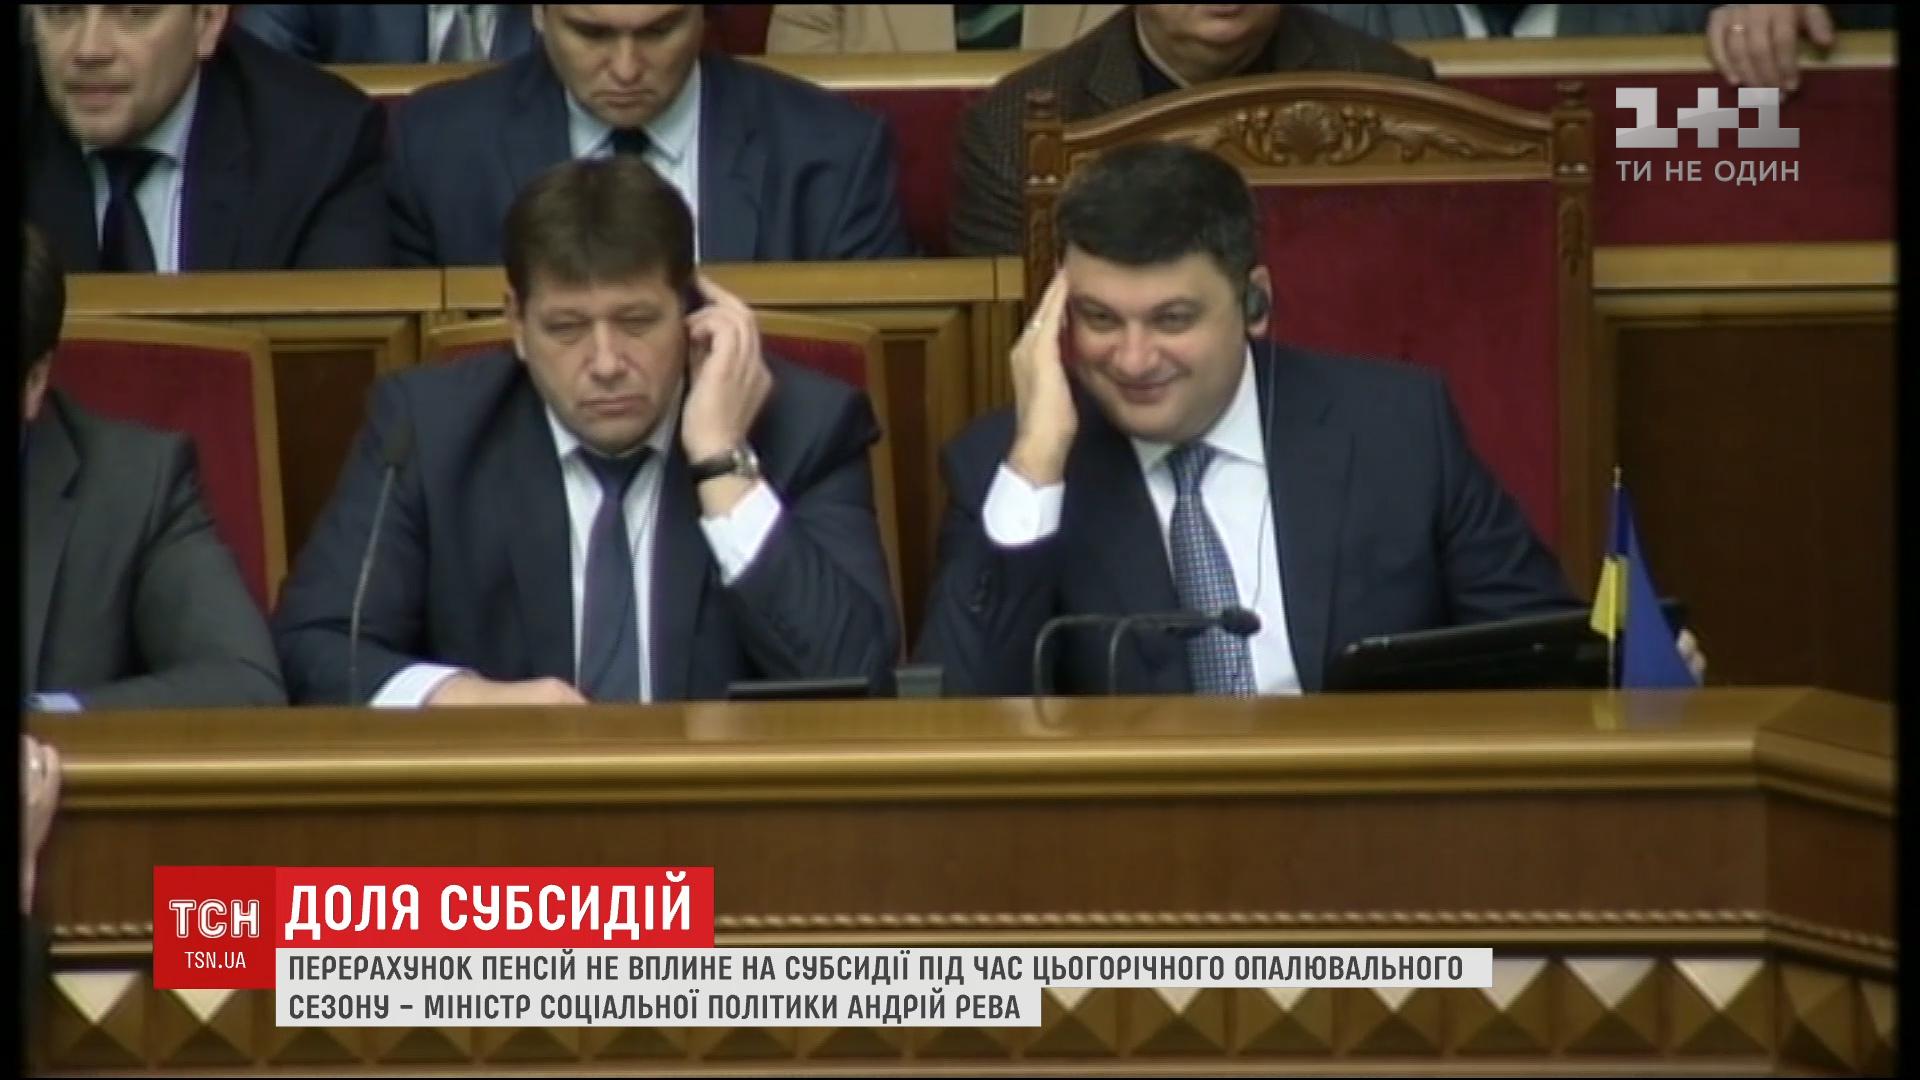 Андрей Рева заявил, что перерасчет пенсий не повлияет на субсидии / фото ТСН